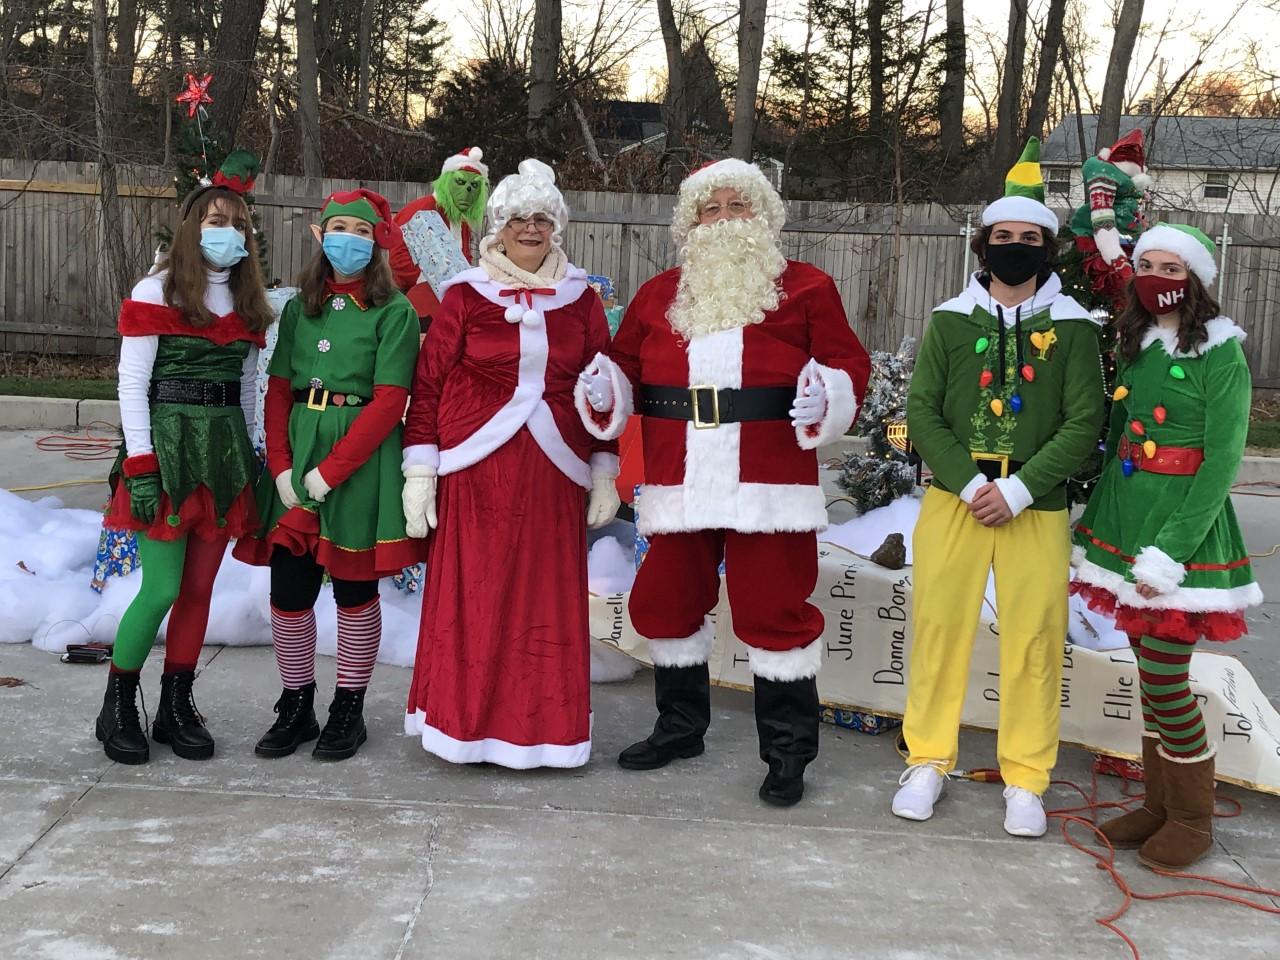 Santa Claus, Mrs. Claus, and their elves.